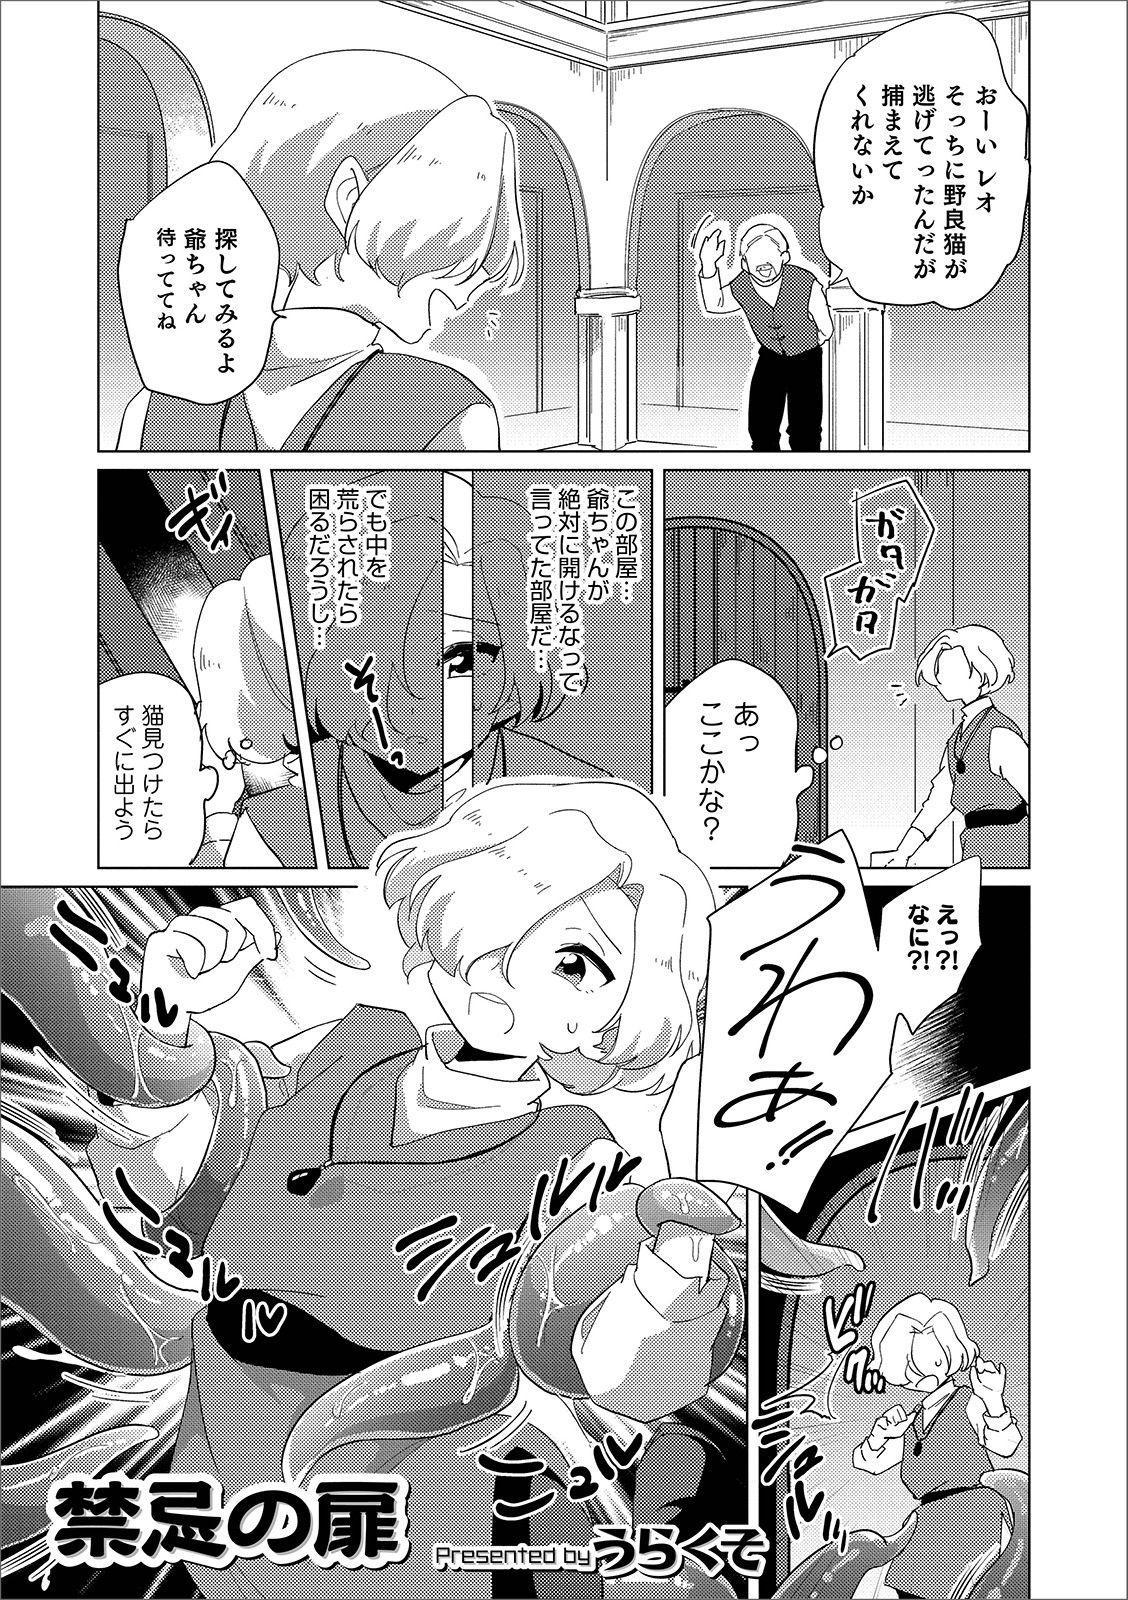 Otokonoko Heaven's Door 9 42